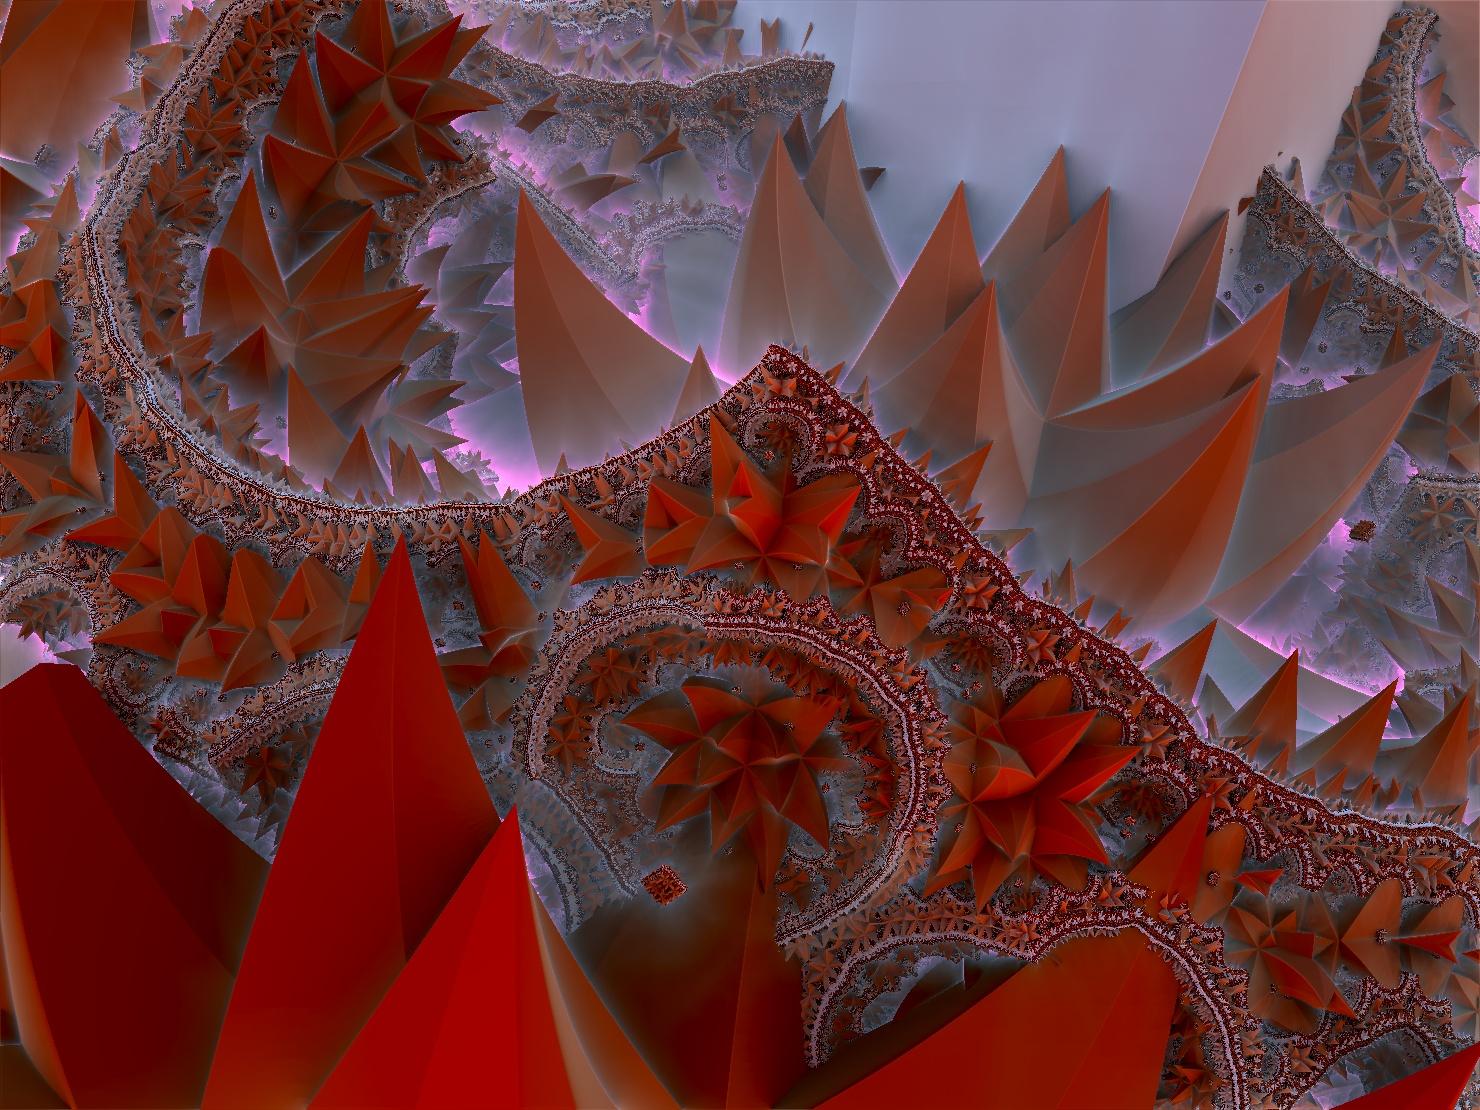 Star fields by Topas2012